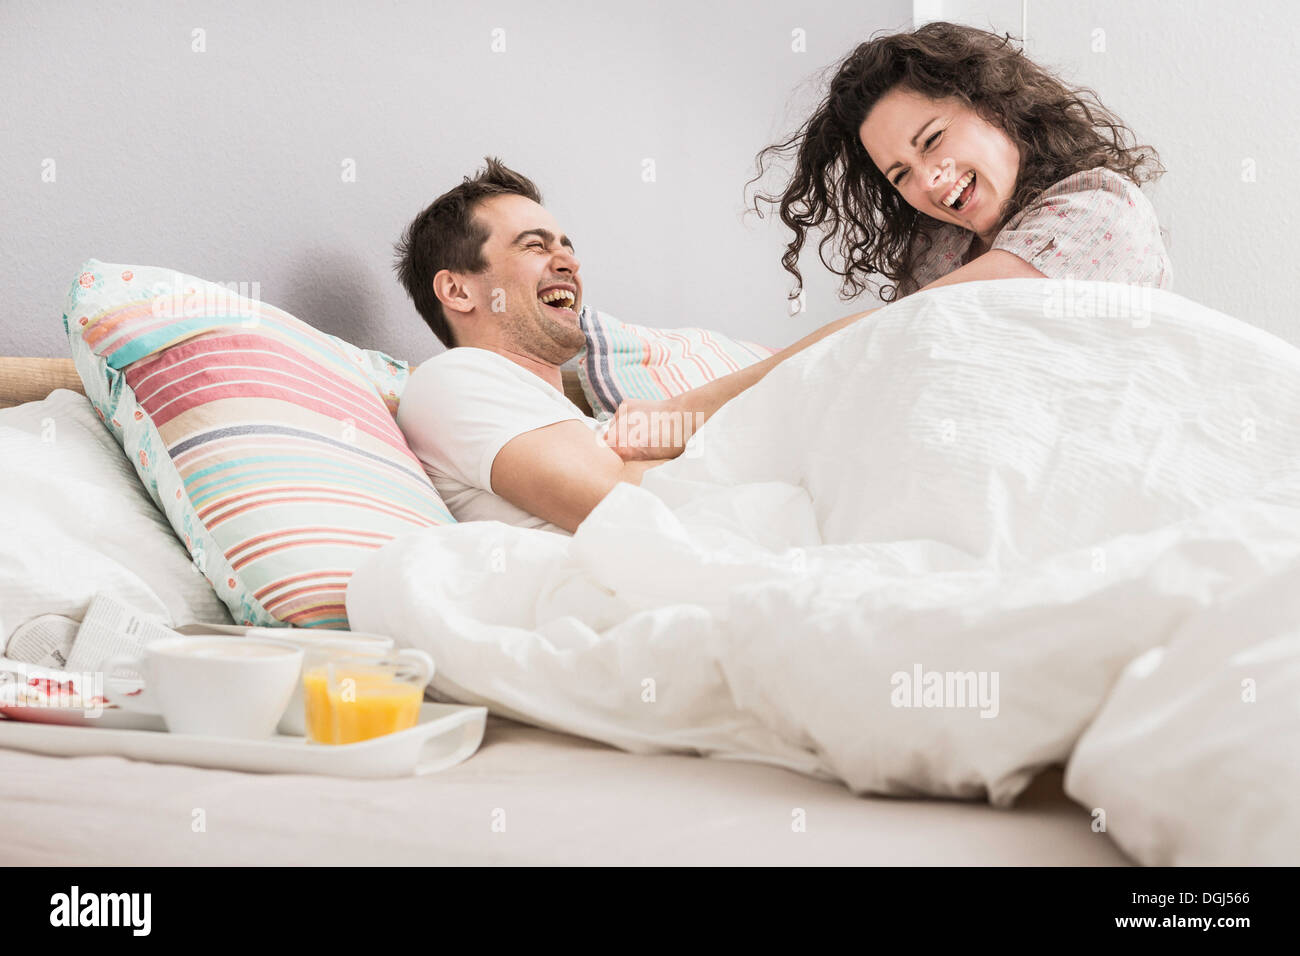 Mitte erwachsenes paar im Bett liegend Frühstück auf Tablett, Kissenschlacht Stockbild